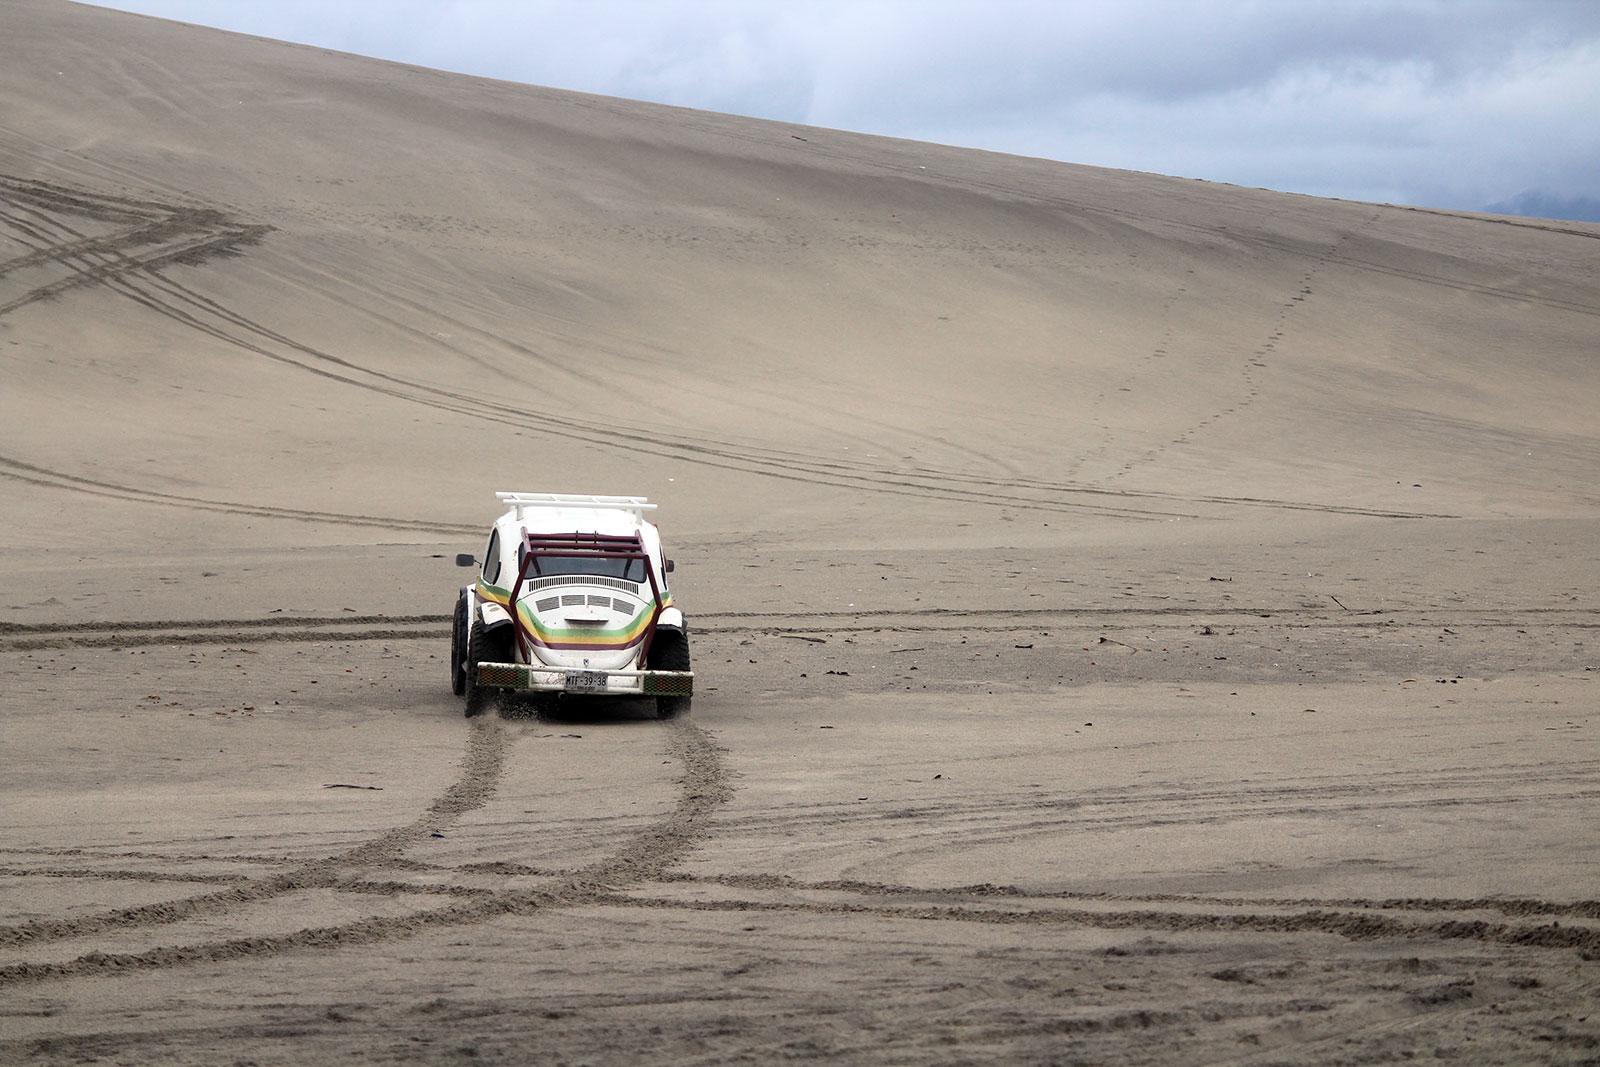 Sand Buggy, Punta Conejo | Las Palmeras Surf Camp, Salina Cruz, Oaxaca, Mexico